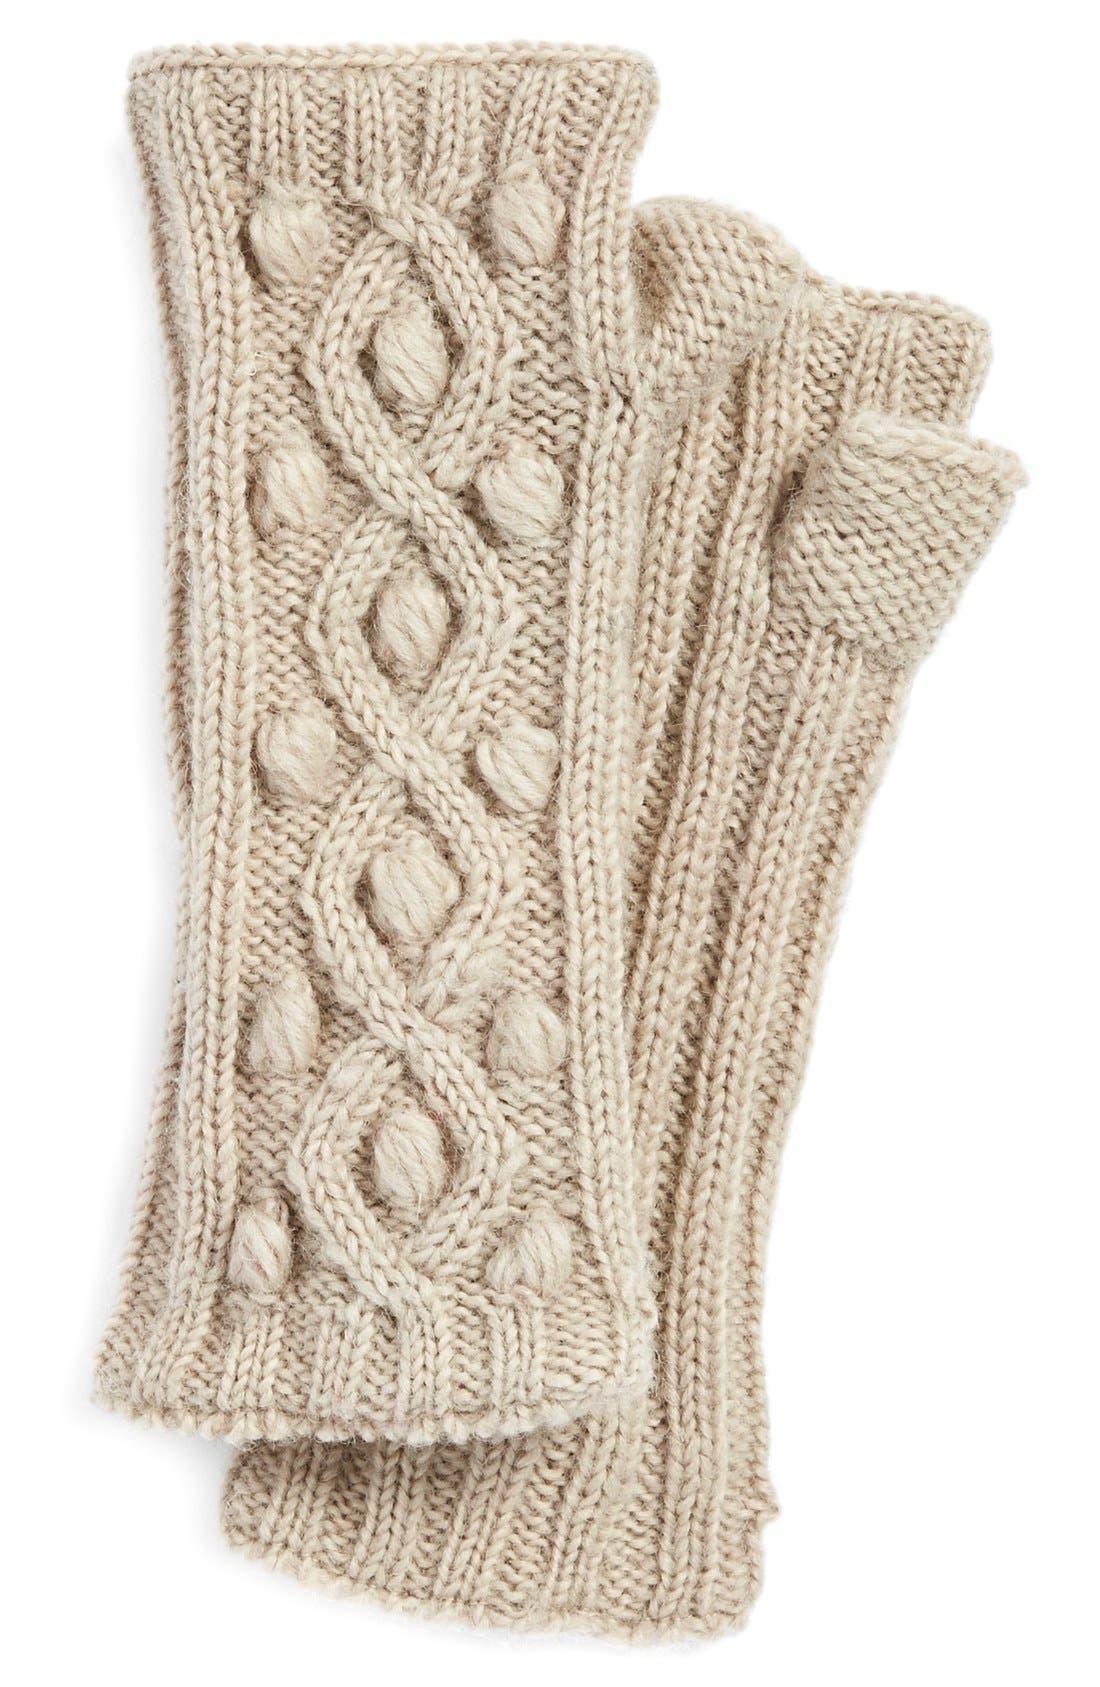 Alternate Image 1 Selected - NirvannaDesigns 'Tree Berry'Knit HandWarmers